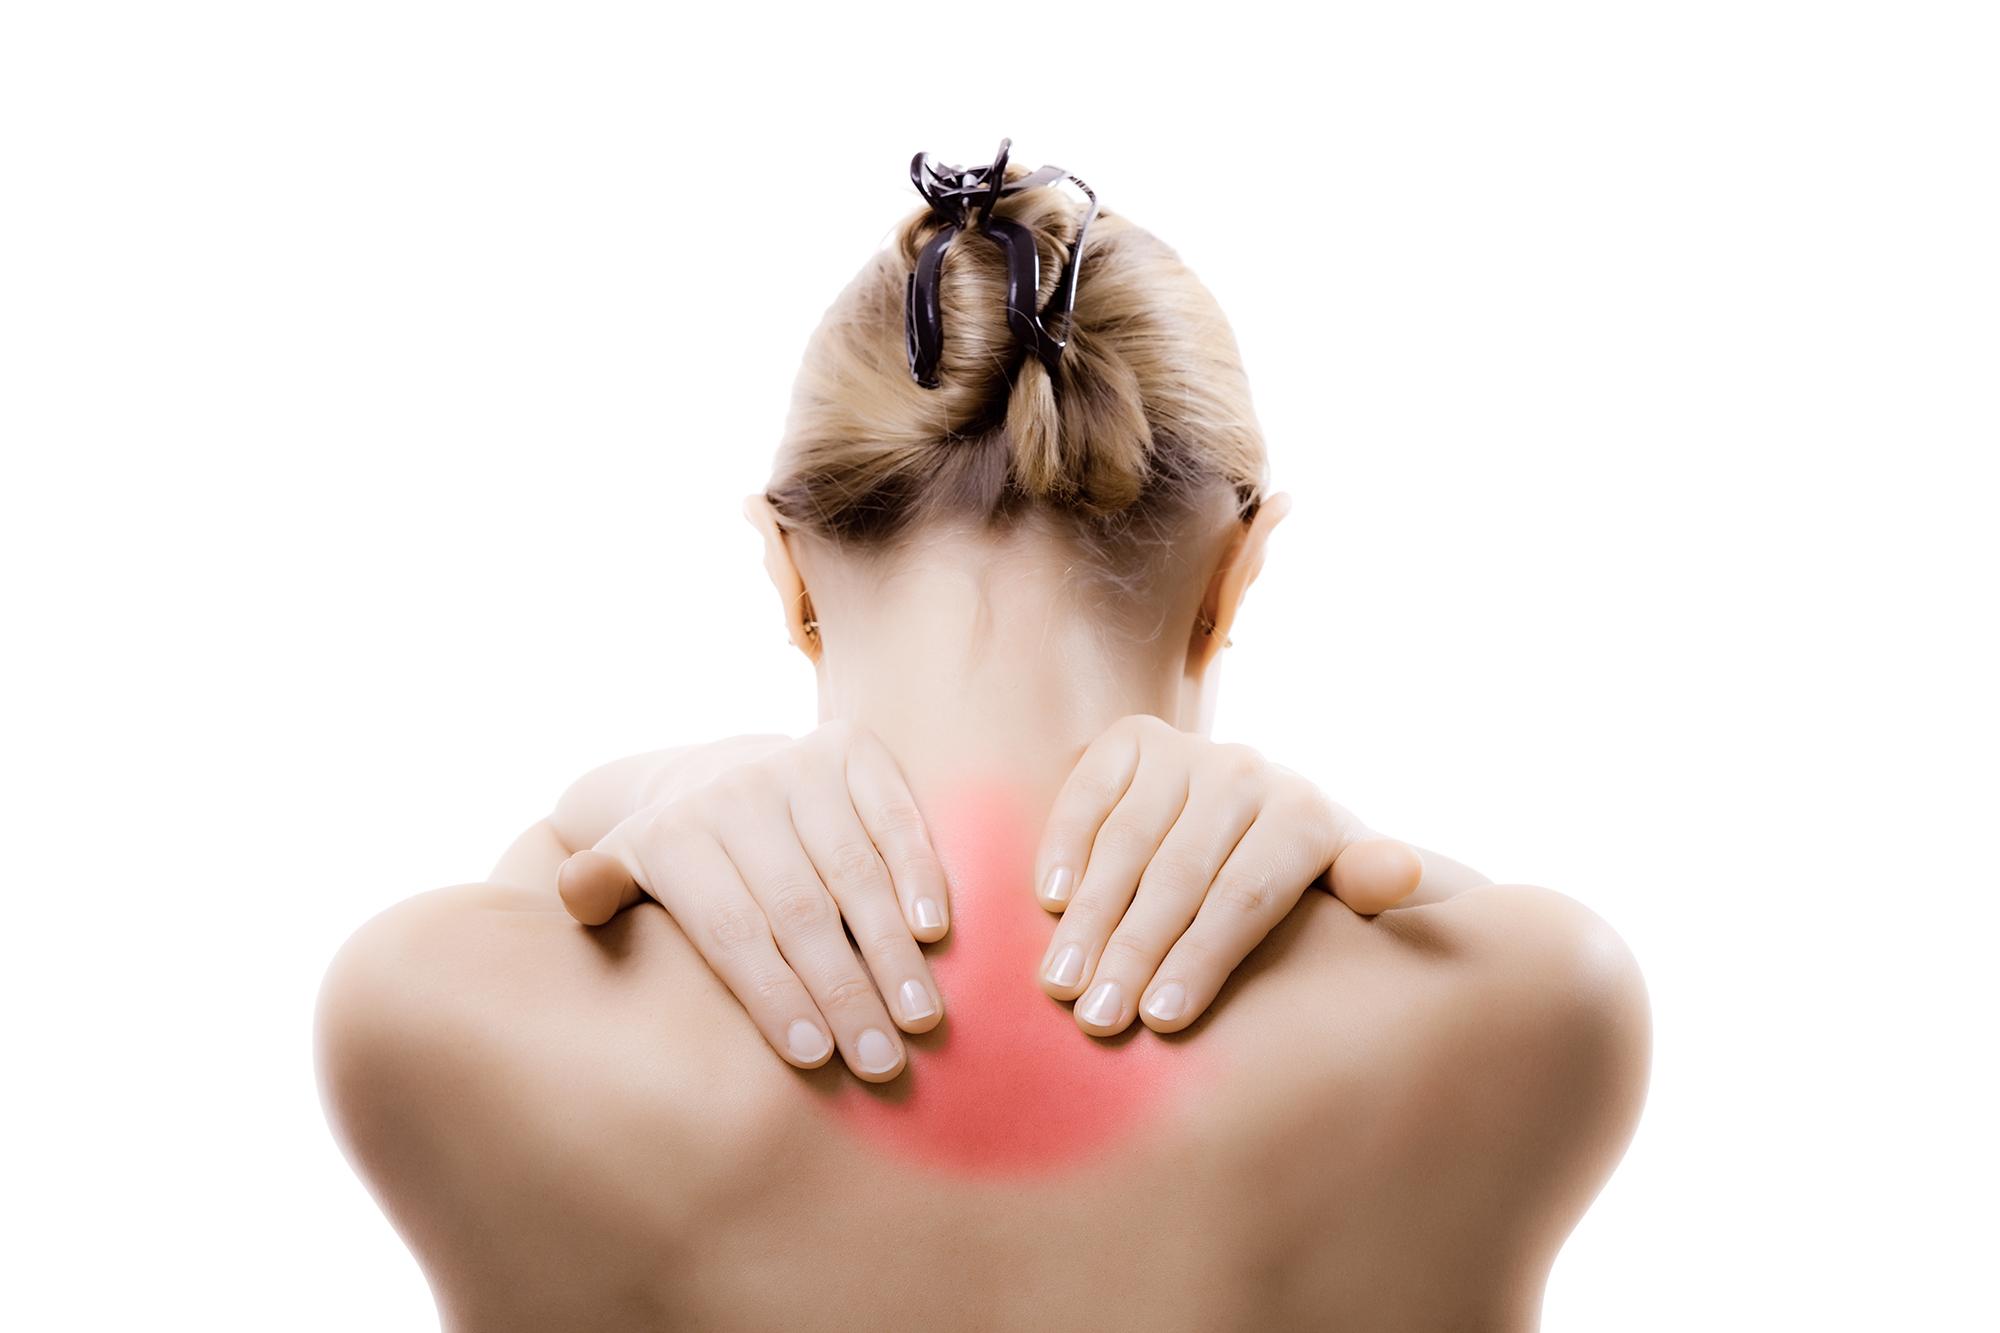 Kvinna som håller om sin smärtande nacke